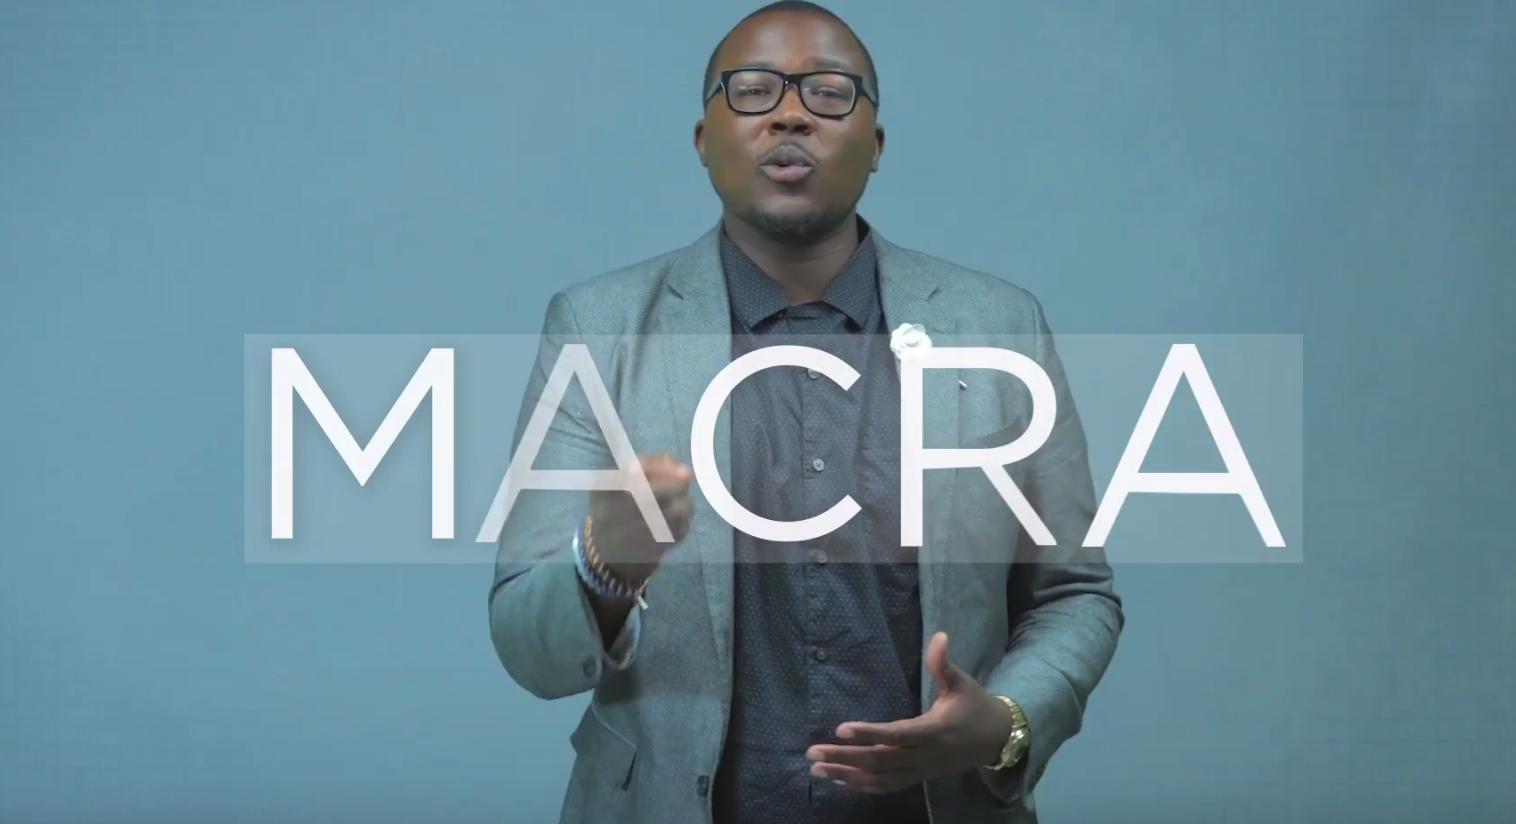 MACRA Overview